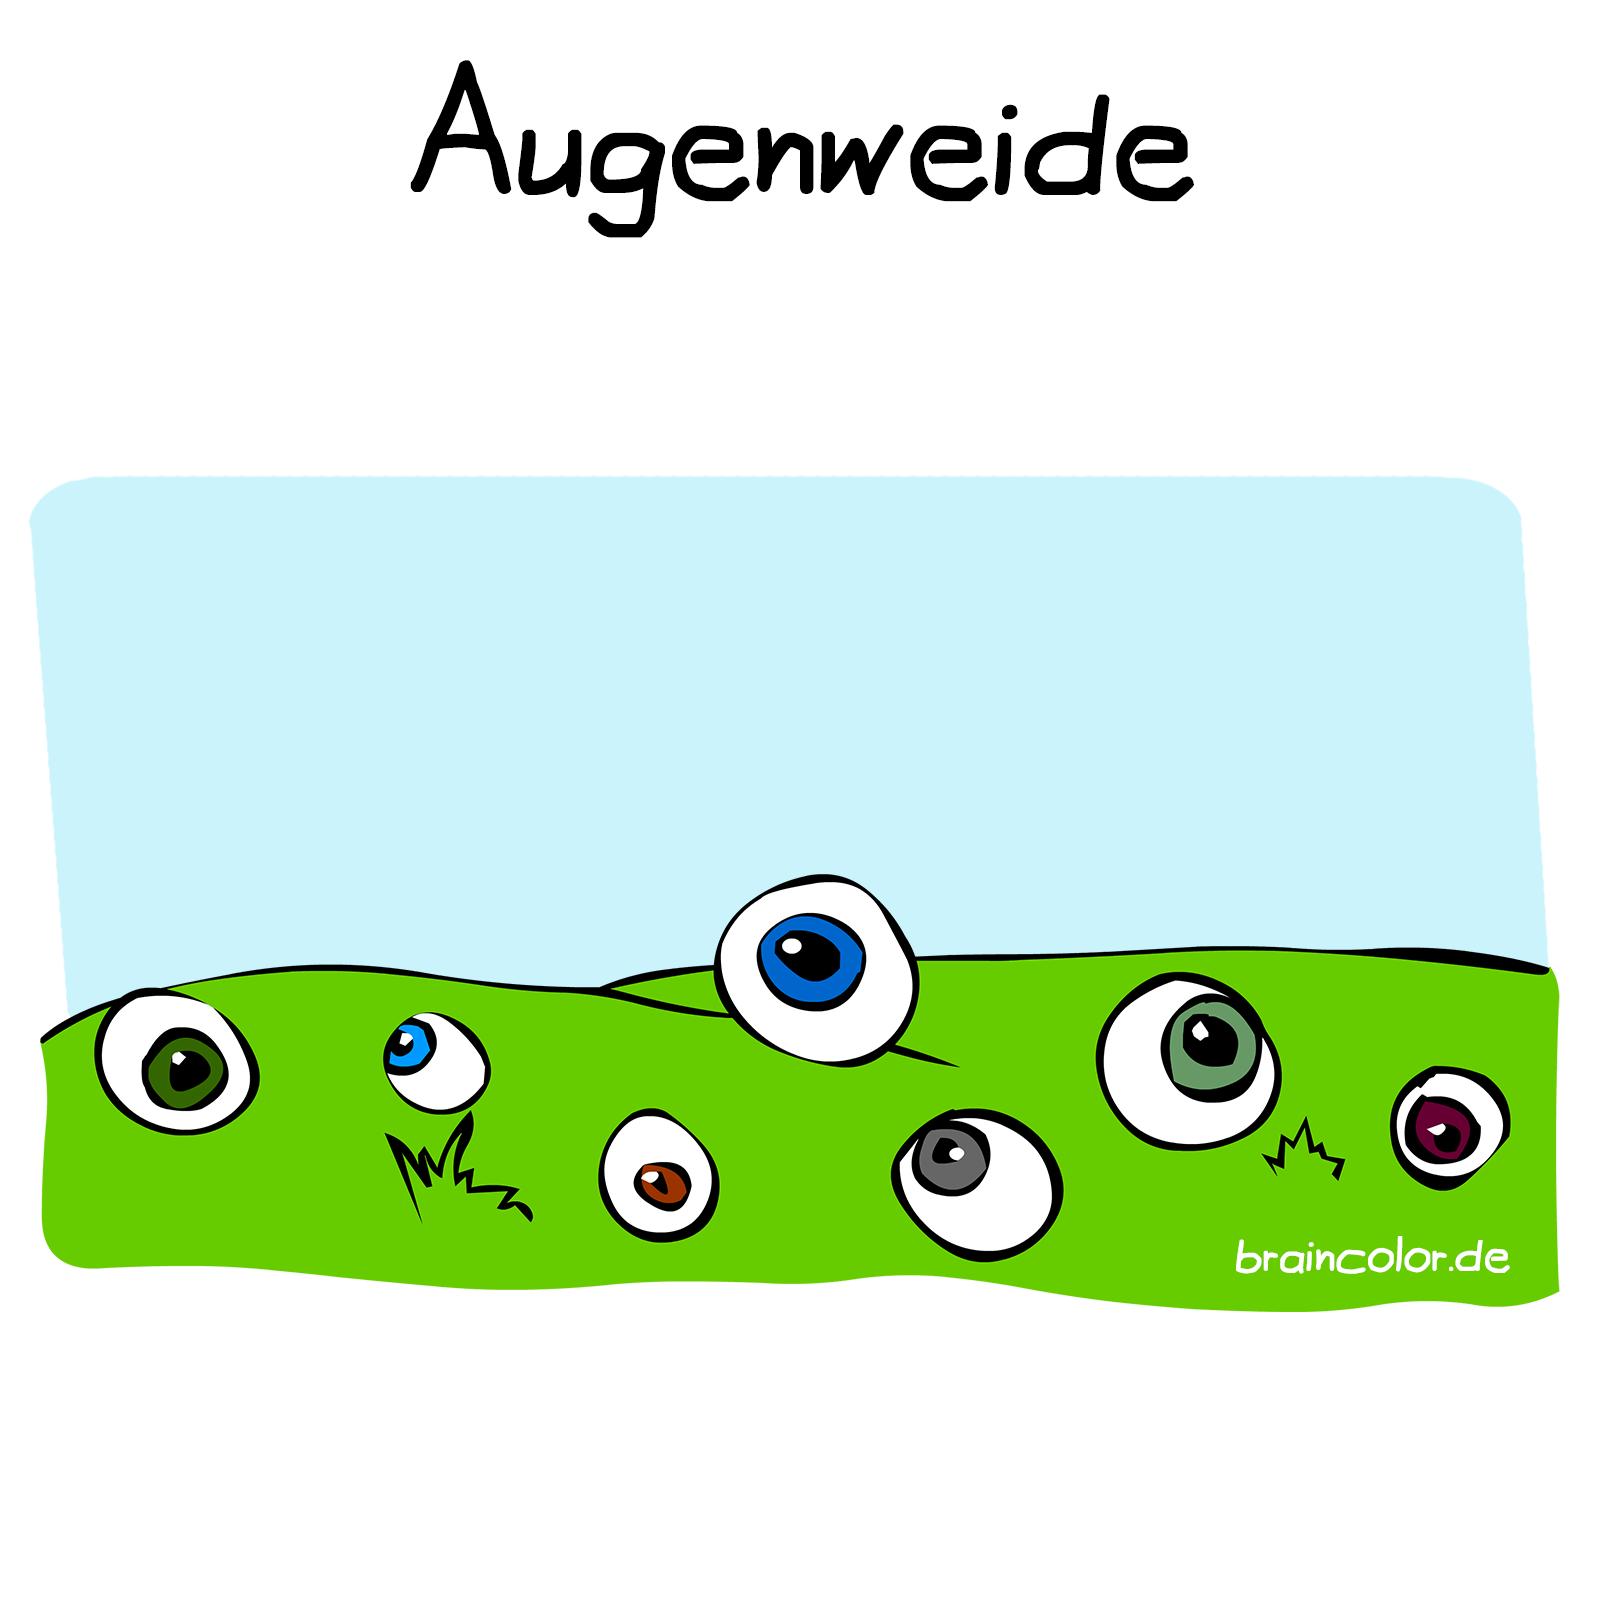 Augenweide